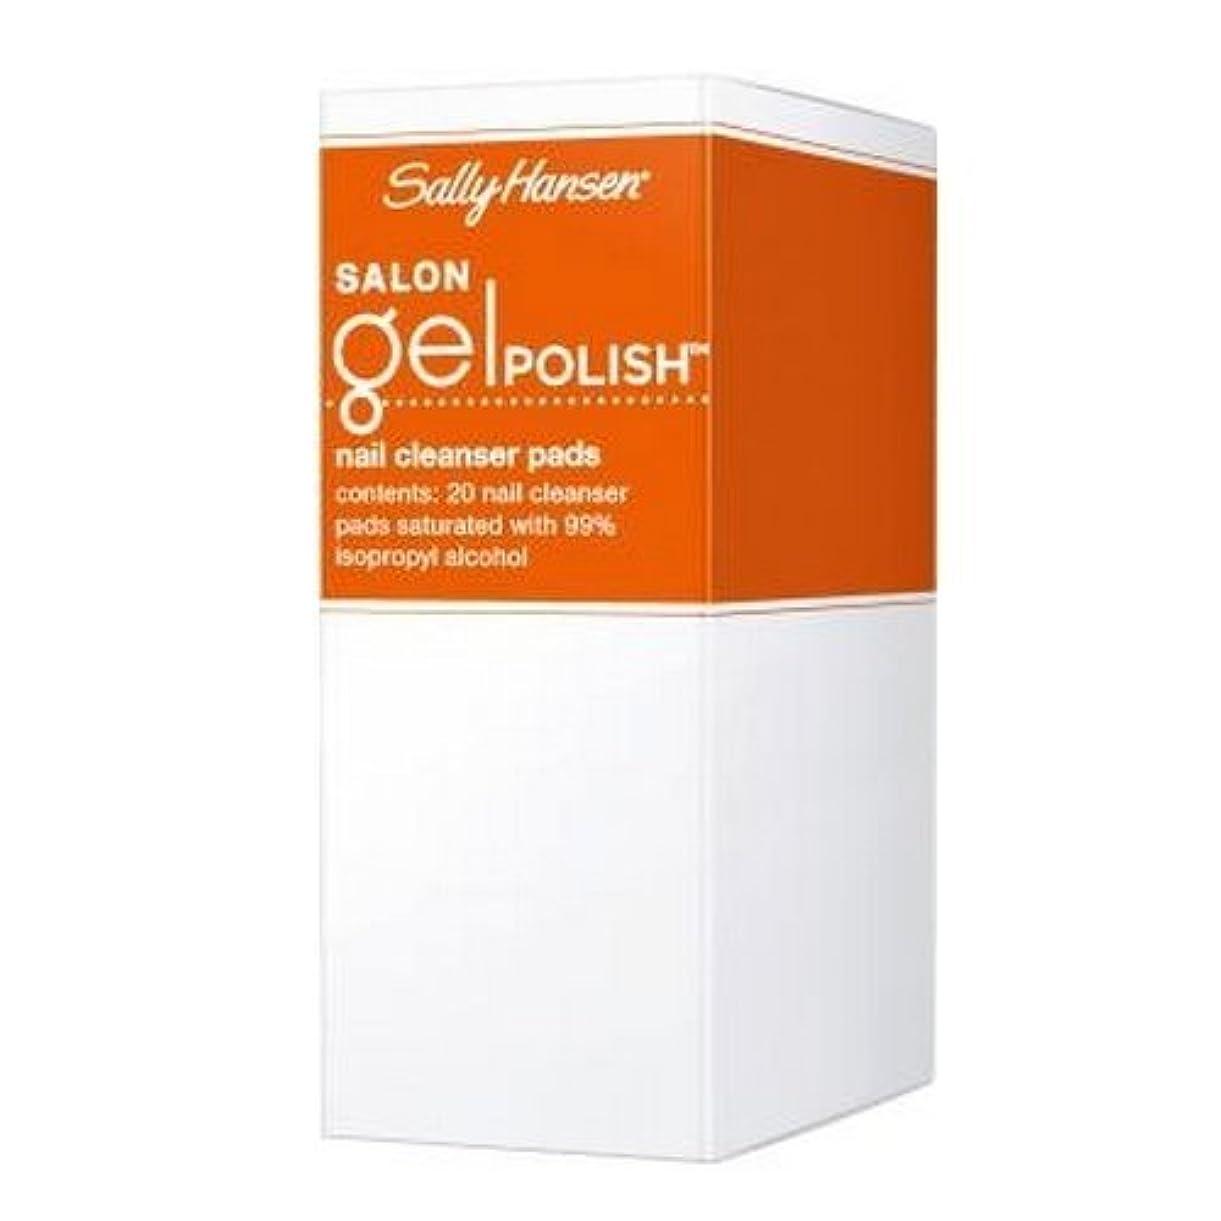 ジャンピングジャック融合著者(3 Pack) SALLY HANSEN Salon Gel Polish Nail Cleanser Pads - Gel Polish Cleanser Pads (並行輸入品)